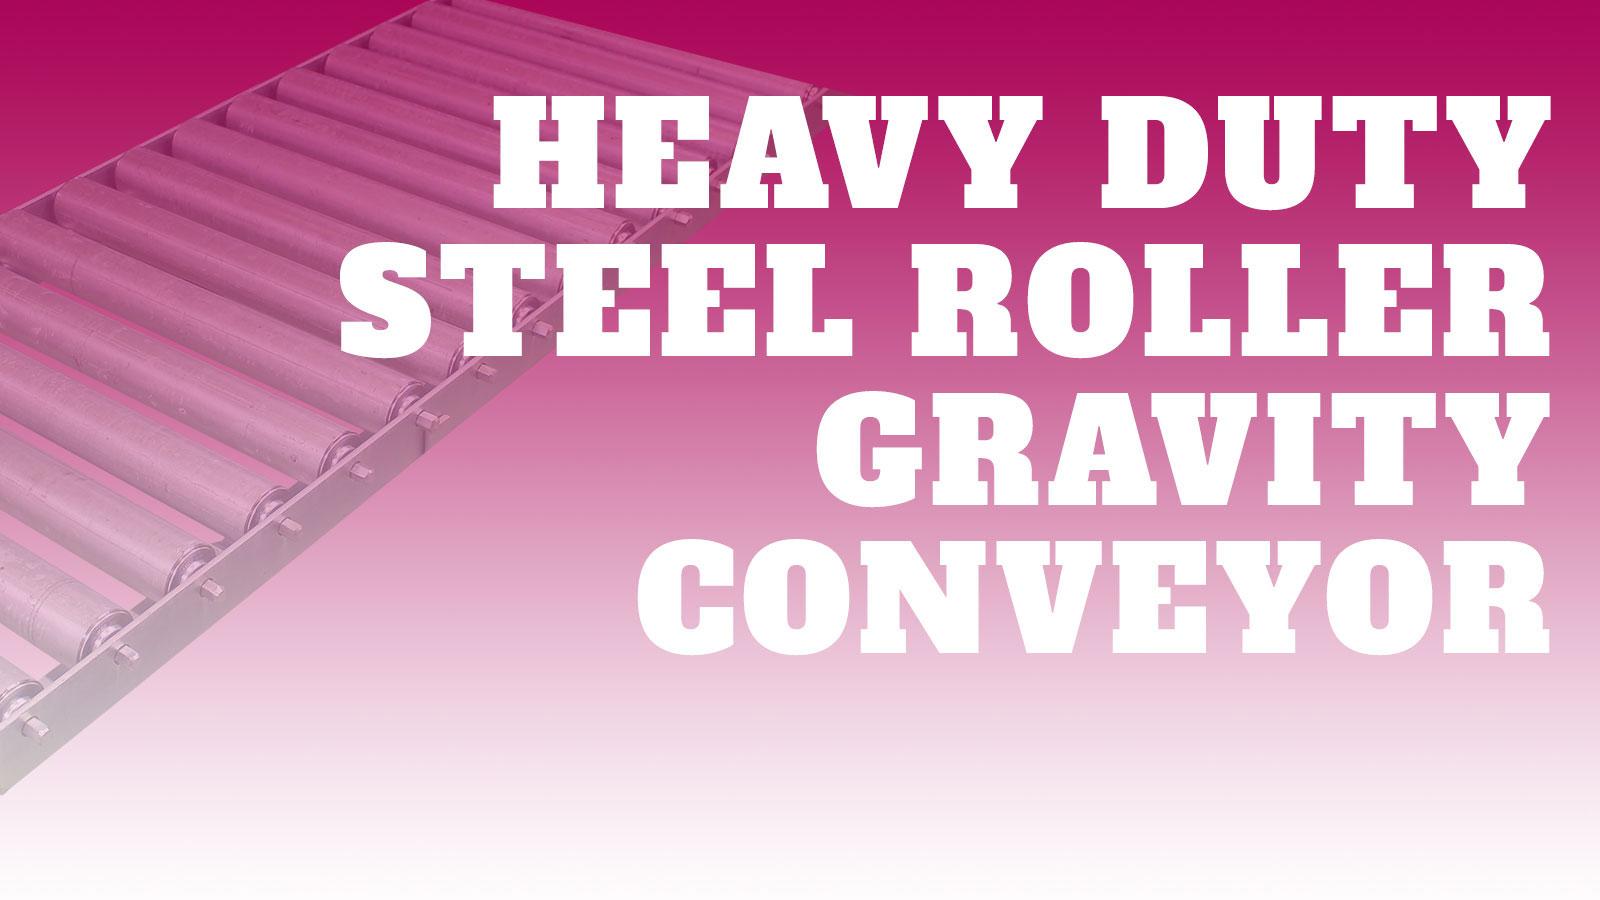 Conveyor-Heavy-Duty-Steel-Rollers